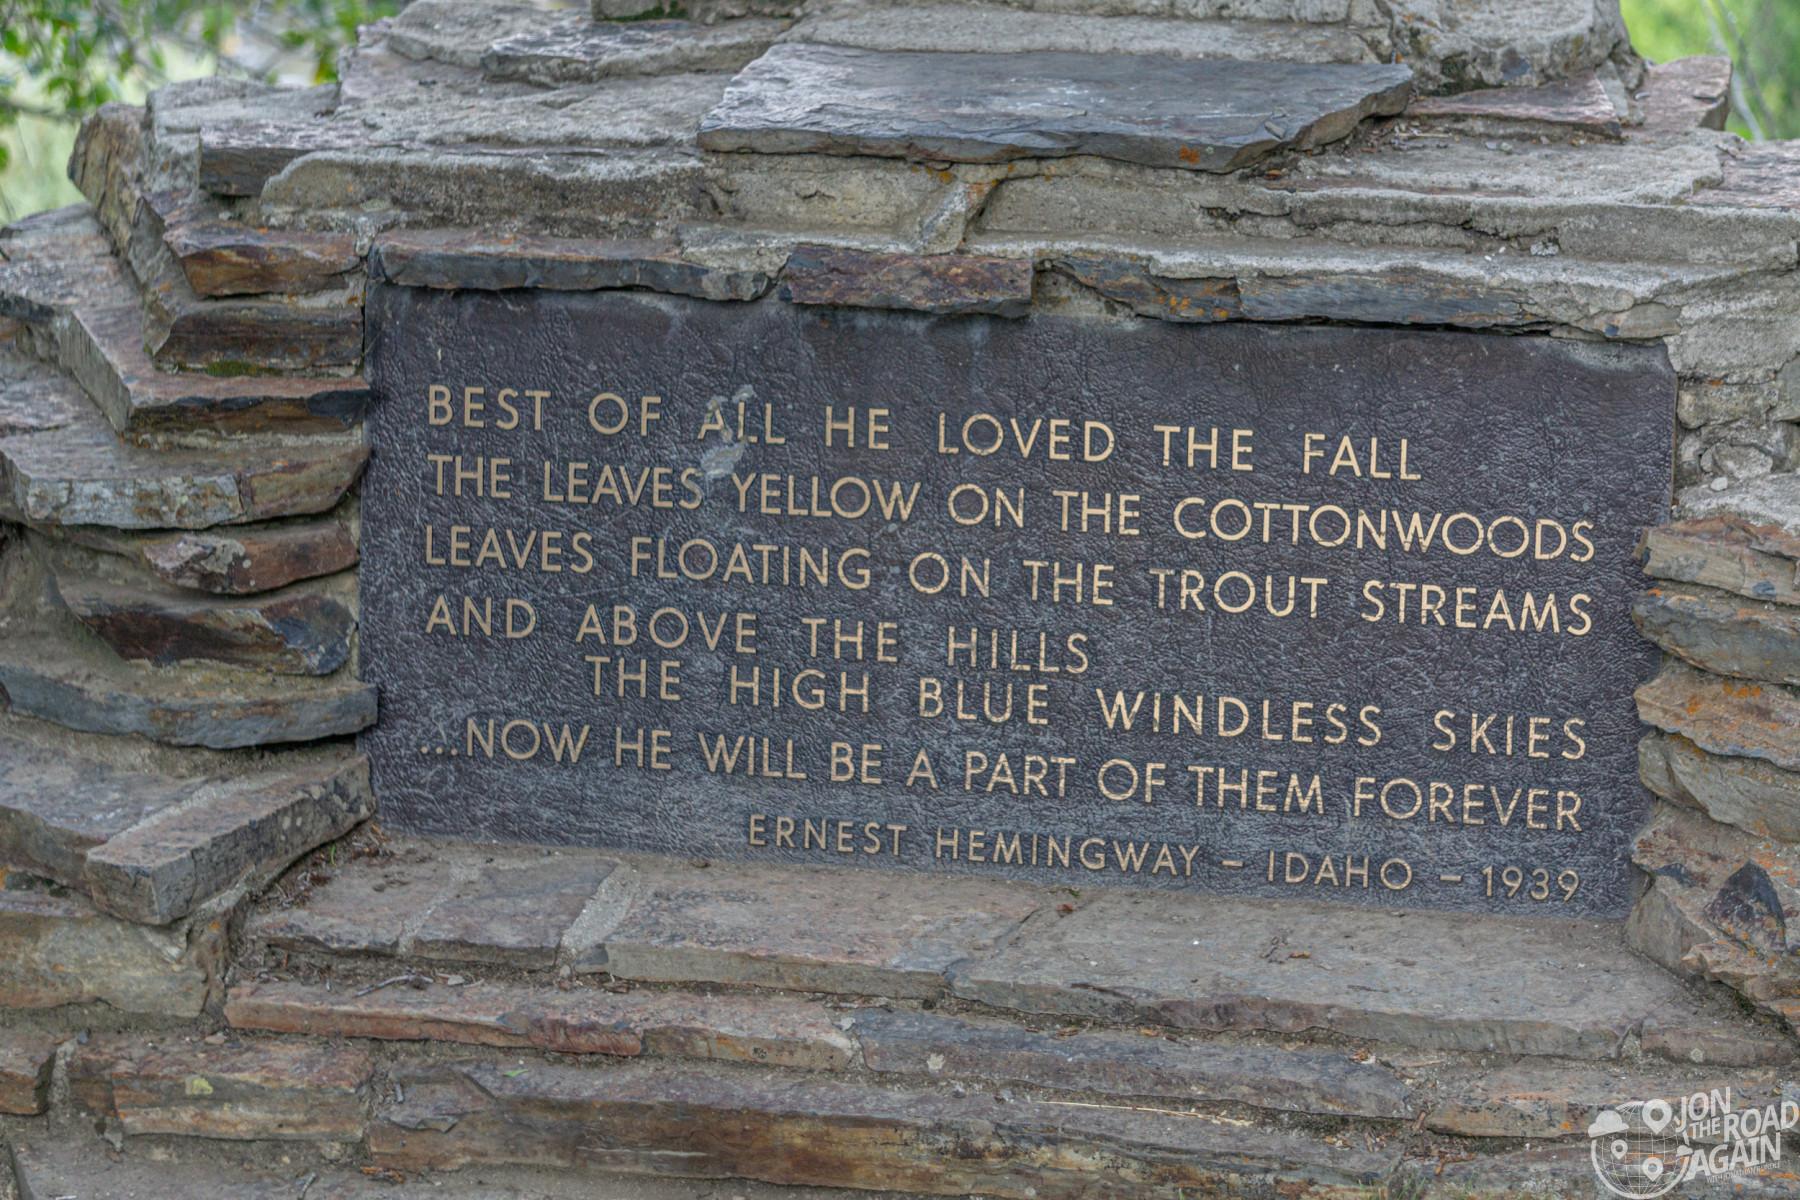 Ernest Hemingway Memorial plaque